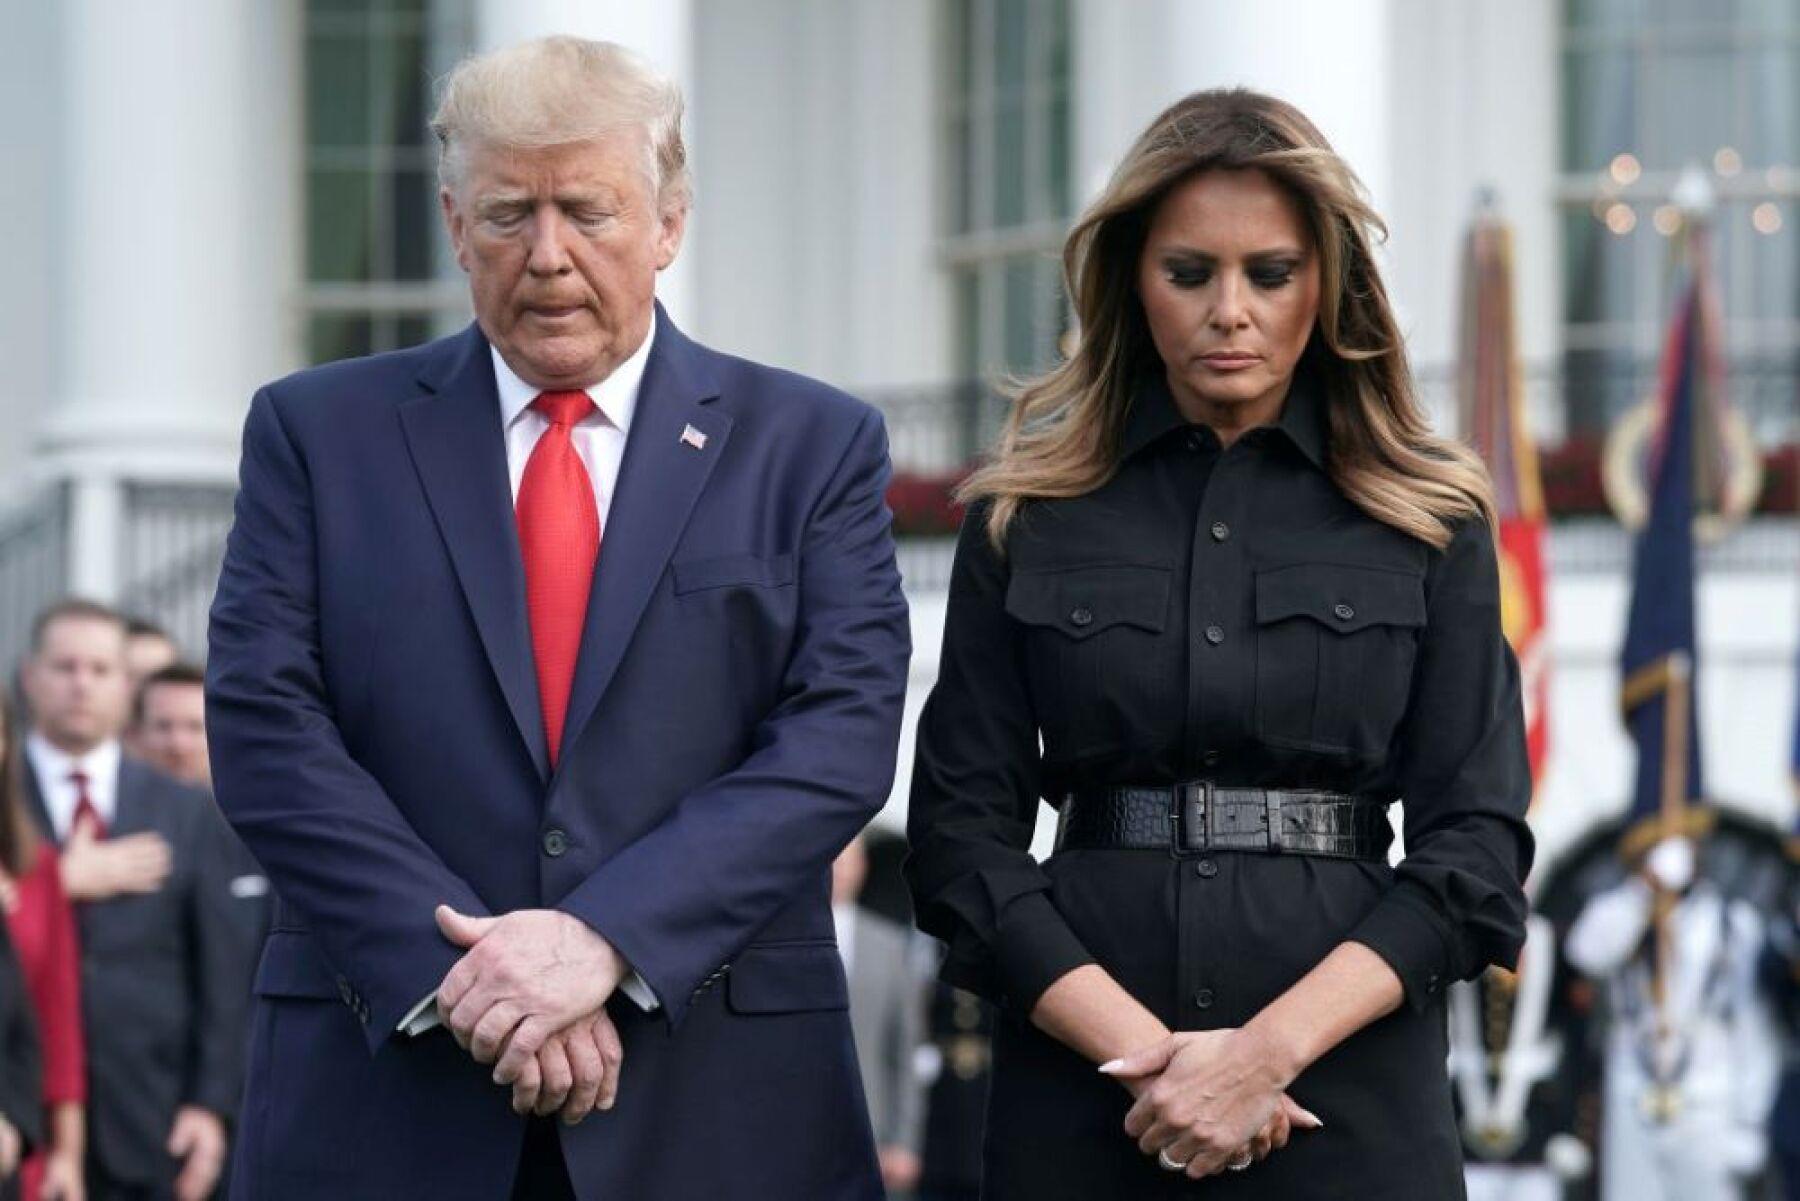 Abrigo de Melania Trump que causo revuelo 2.jpg